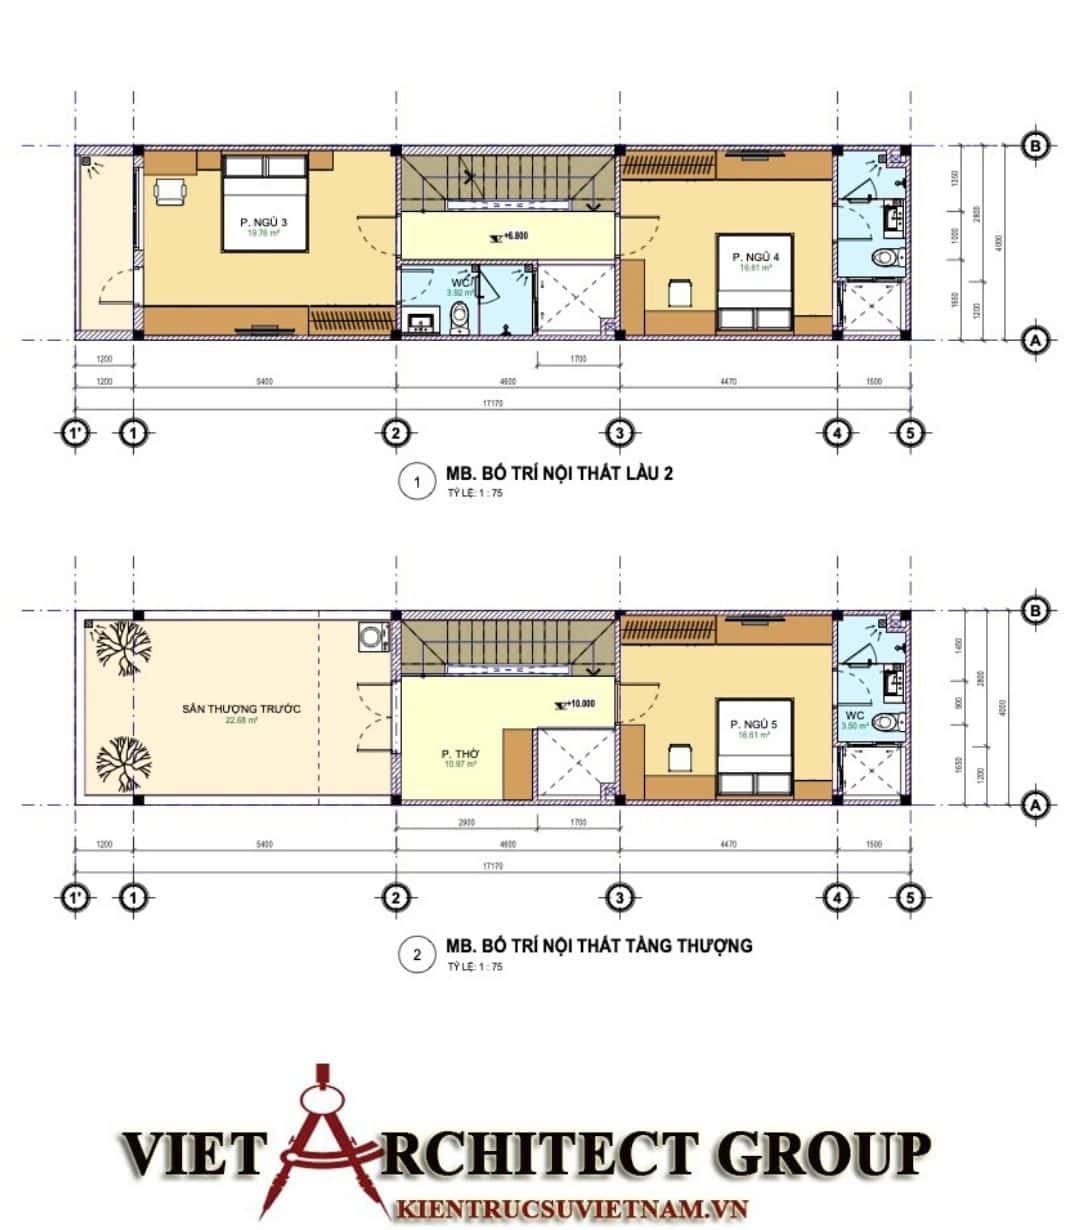 4 43 - Công trình nhà phố mặt tiền 4m 1 trệt 2 lầu sân thượng chị Hải - Thủ Đức